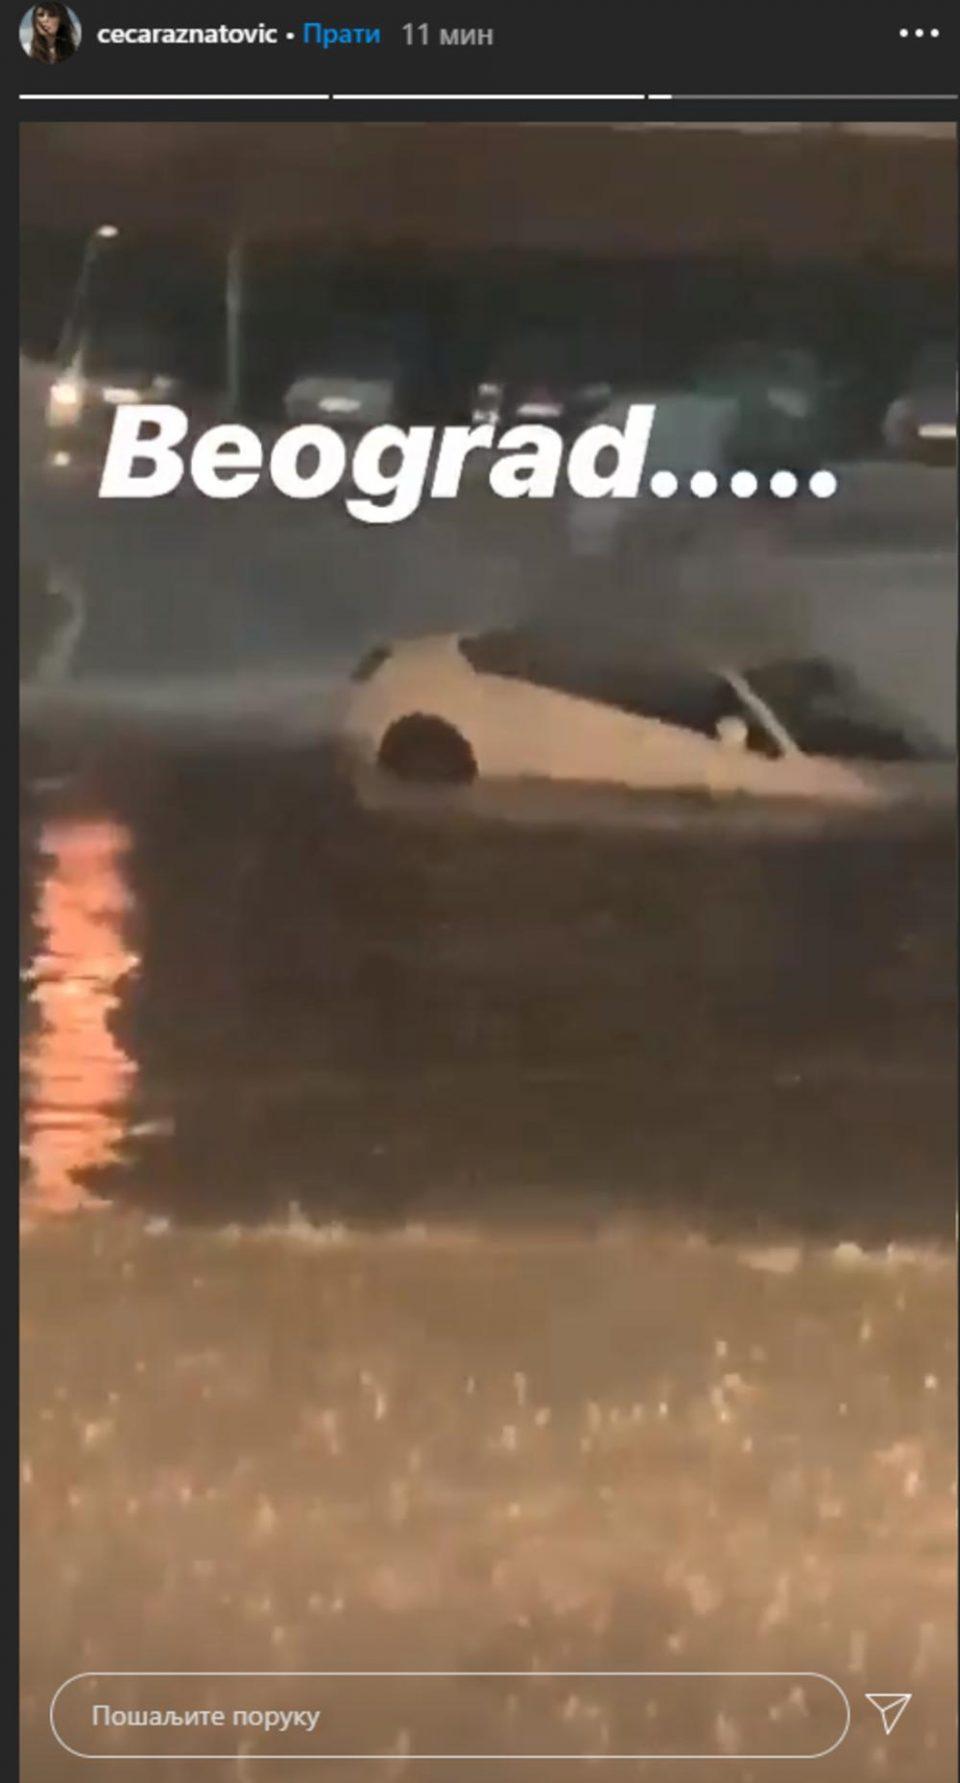 Надојдената вода носи автомобили: Цеца објави снимка, сите се ужаснати!